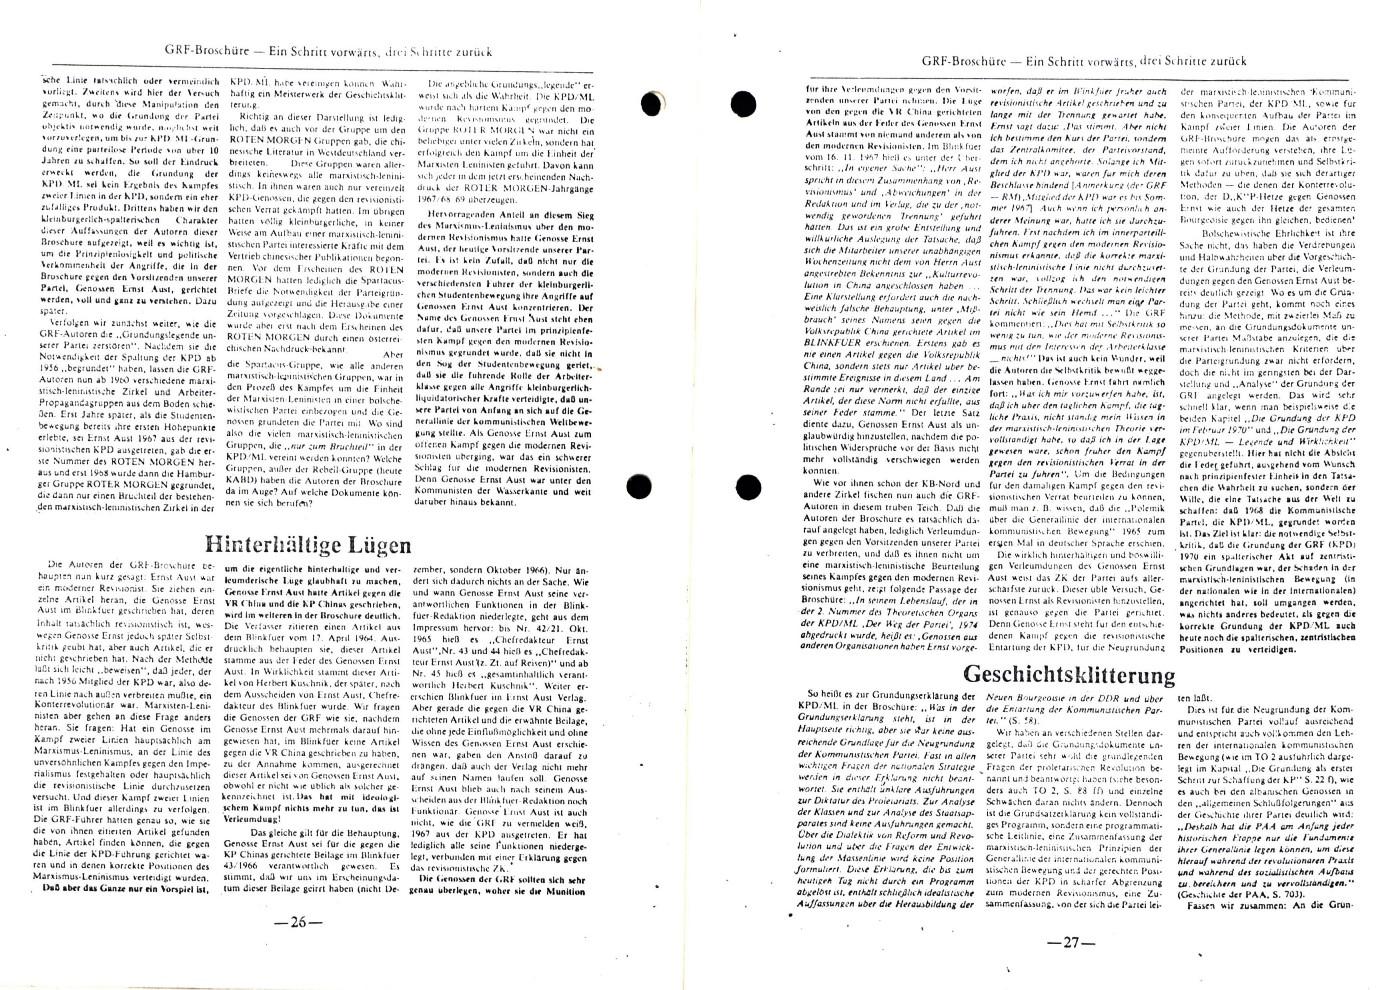 KPDML_1976_Dokumente_zur_Gruendung_15